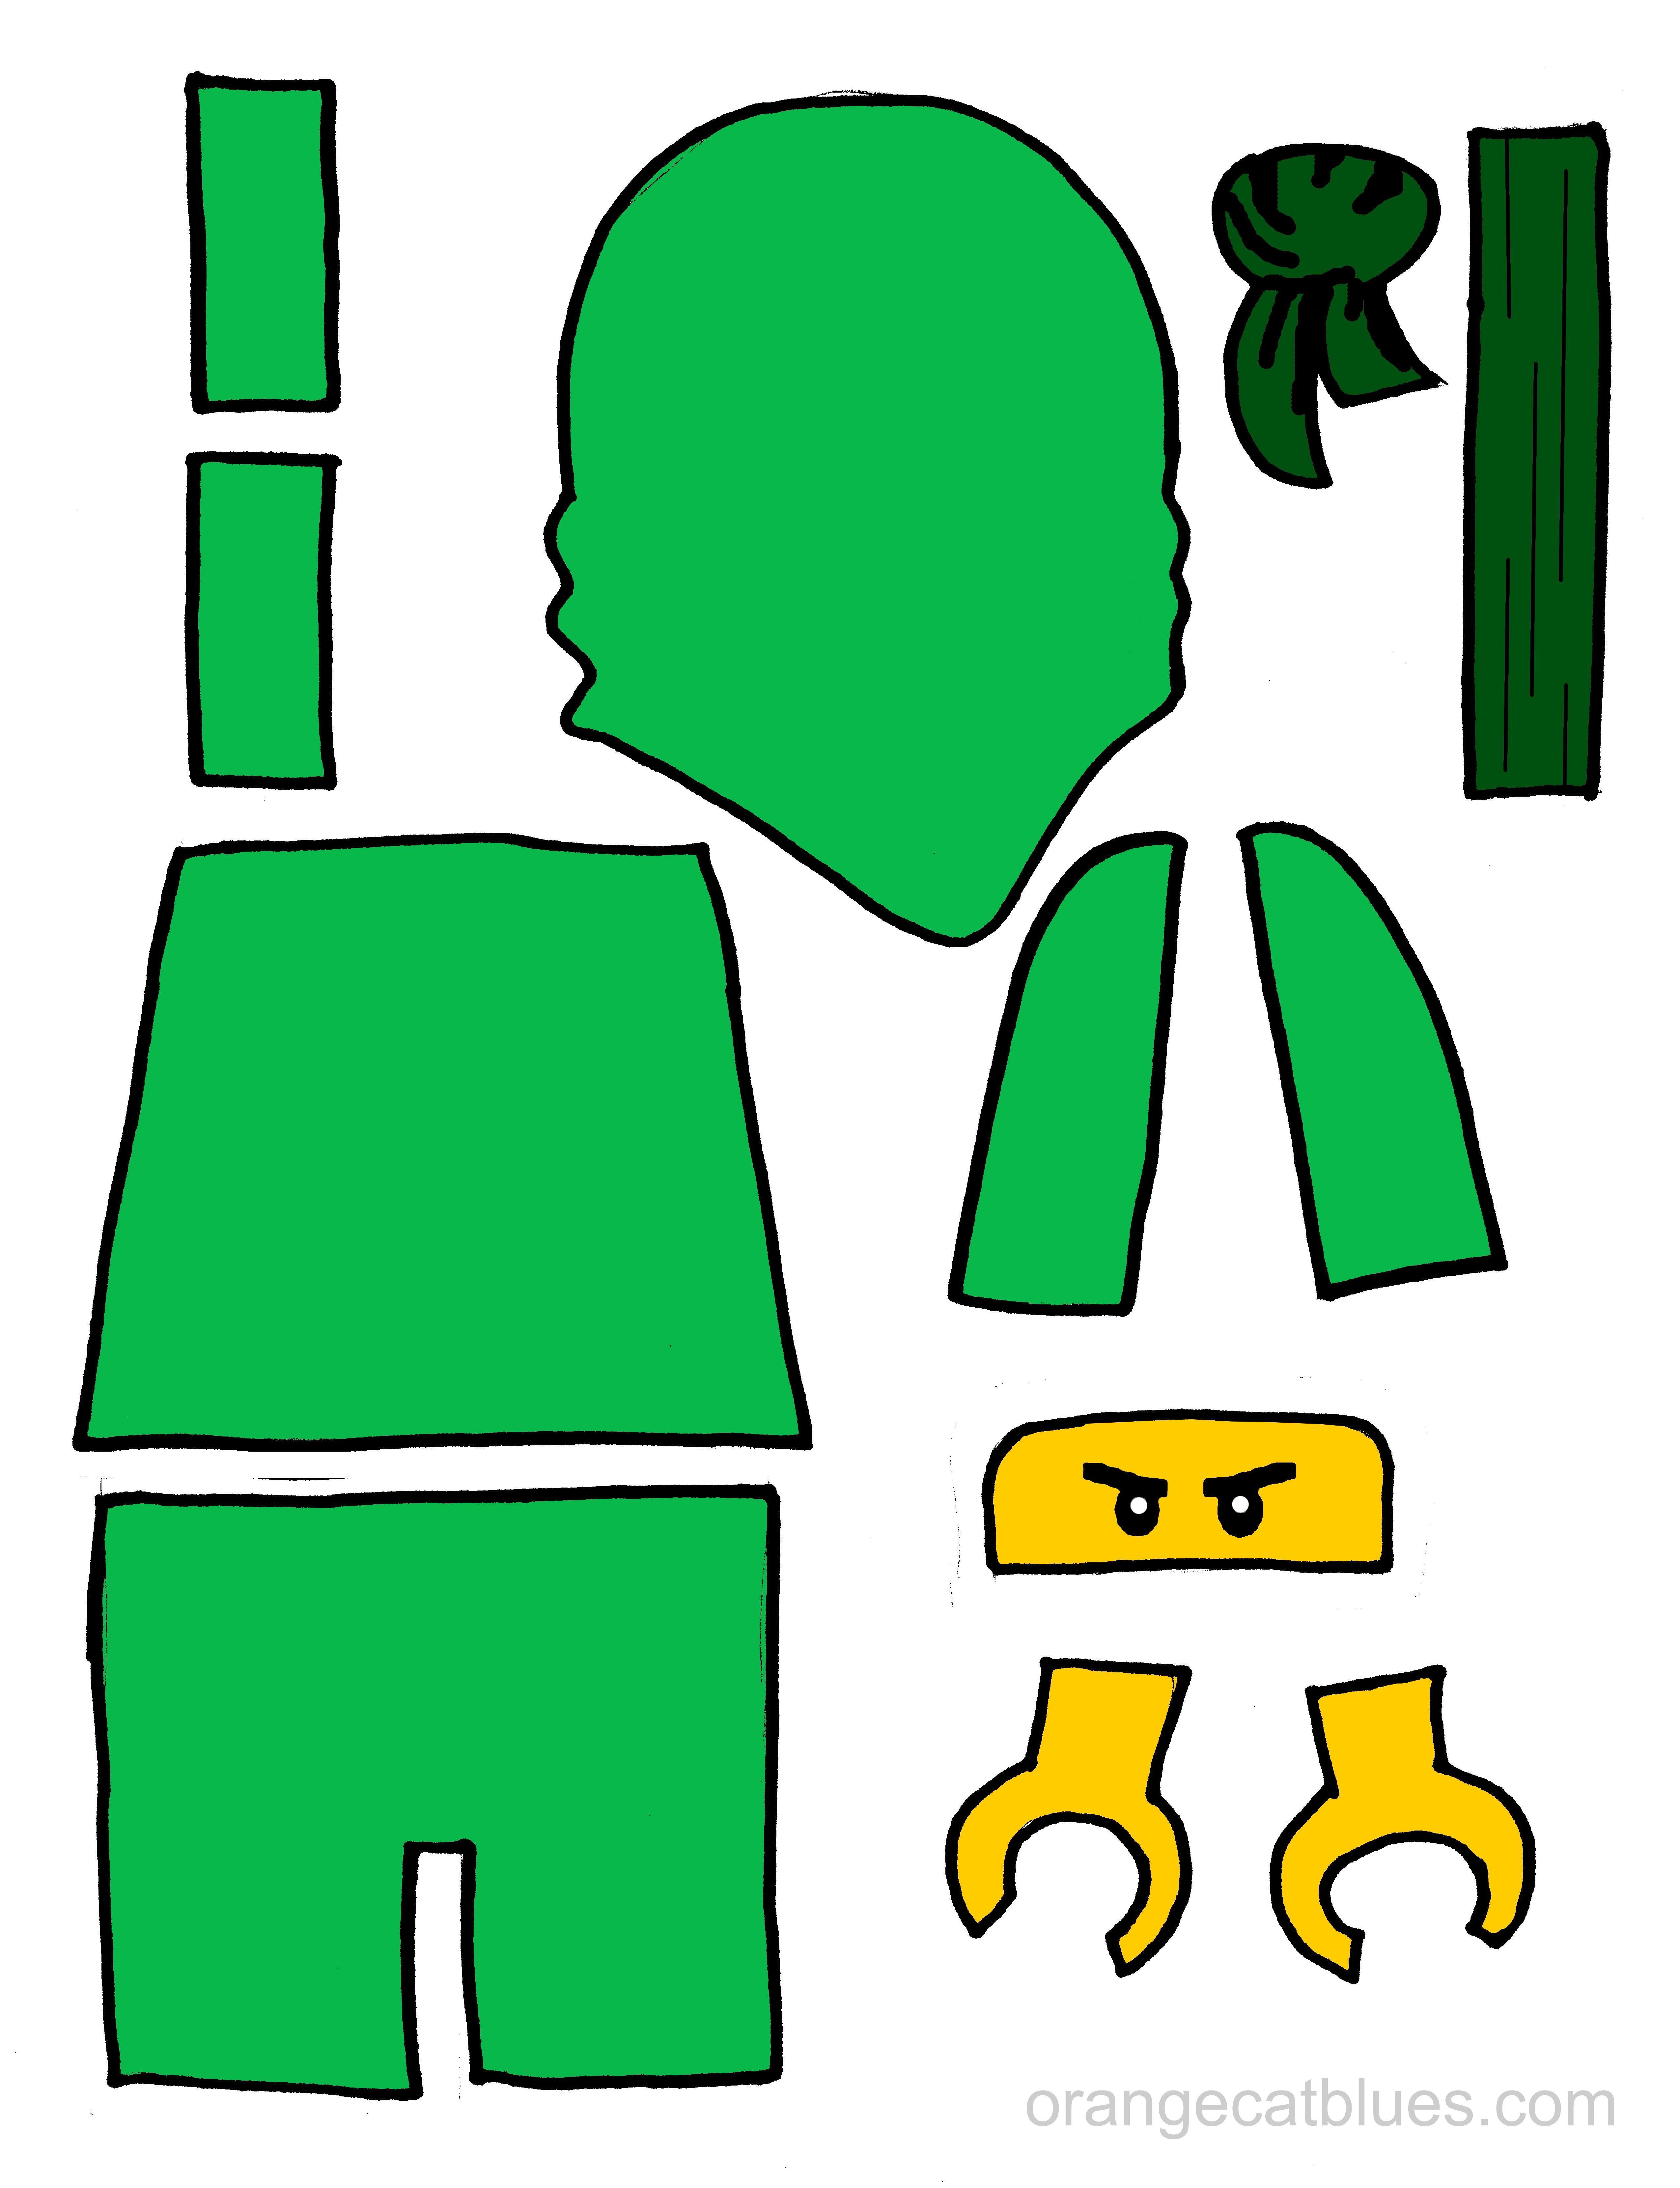 lego ninjago printable cutout for toddler gluestick art the green